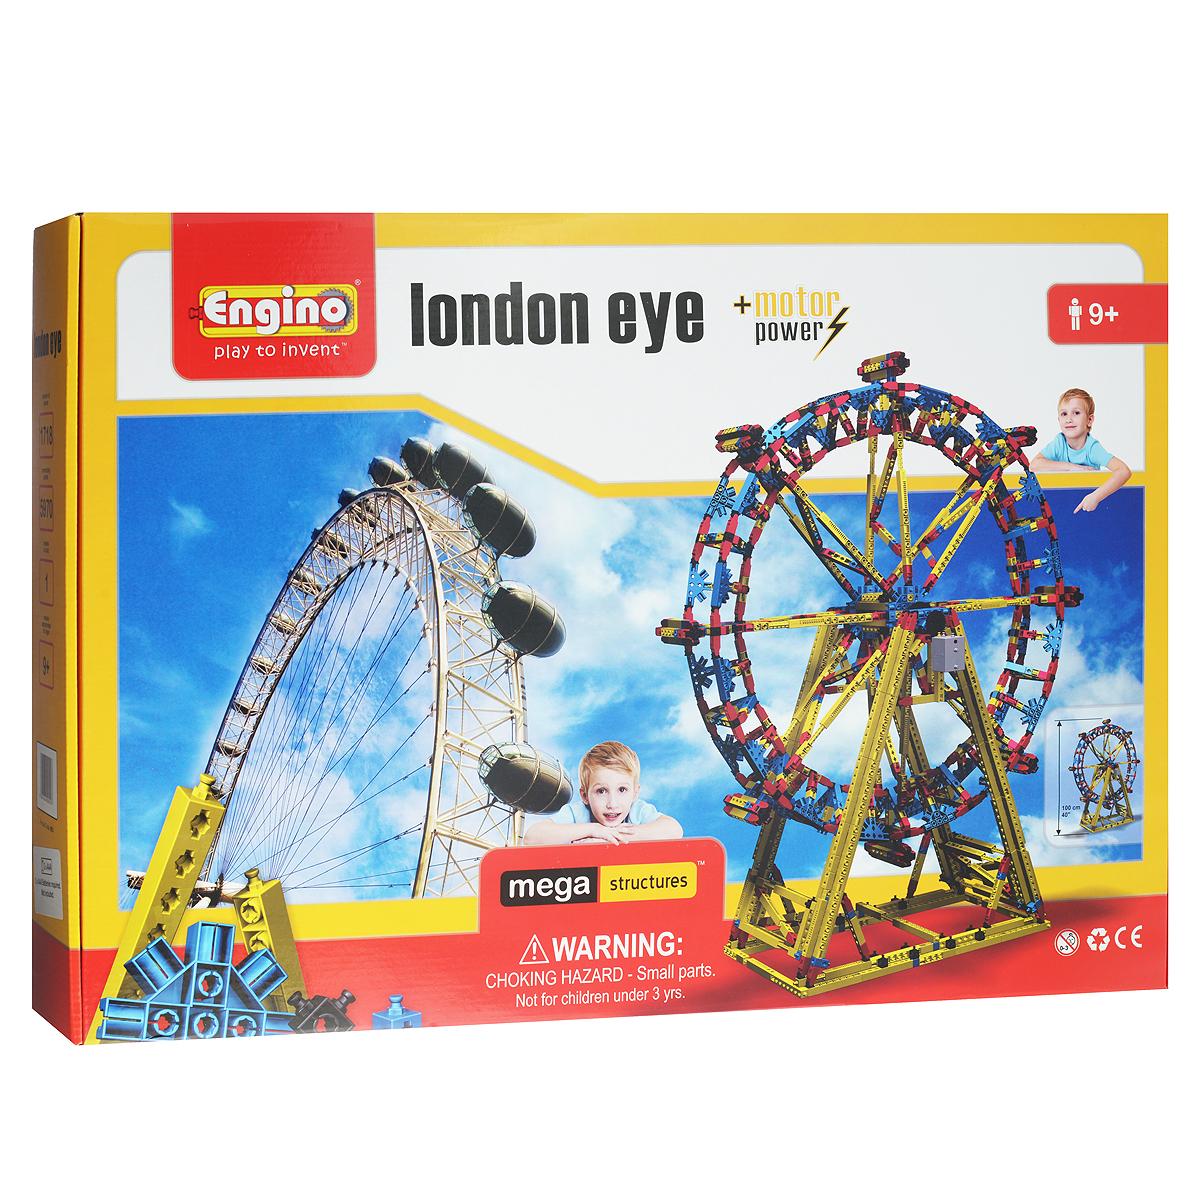 Engino Конструктор London EyeMS3Конструктор Engino London Eye позволит вашему ребенку построить действующую модель гигантского колеса обозрения Лондонский глаз и запустить ее при помощи электродвигателя! Комплект включает 1635 элементов конструктора, в том числе электродвигатель, и схематичную инструкцию по сборке. Лондонский глаз - самое высокое в Европе и одно из самых высоких в мире колес обозрения, возведенное в 2000 г. на берегу реки Темзы британскими архитекторами Дэвидом Марксом и Джулией Барфилд. С высоты 135 метров (примерно 45 этажей) открывается вид на весь Лондон. Набор серии Мега Конструкции - не только познавательная игра, позволяющая создавать трехмерные сооружения, но и восхитительный подарок! Необходимо докупить 2 батарейки напряжением 1,5V типа ААА/LR03 (не входят в комплект).